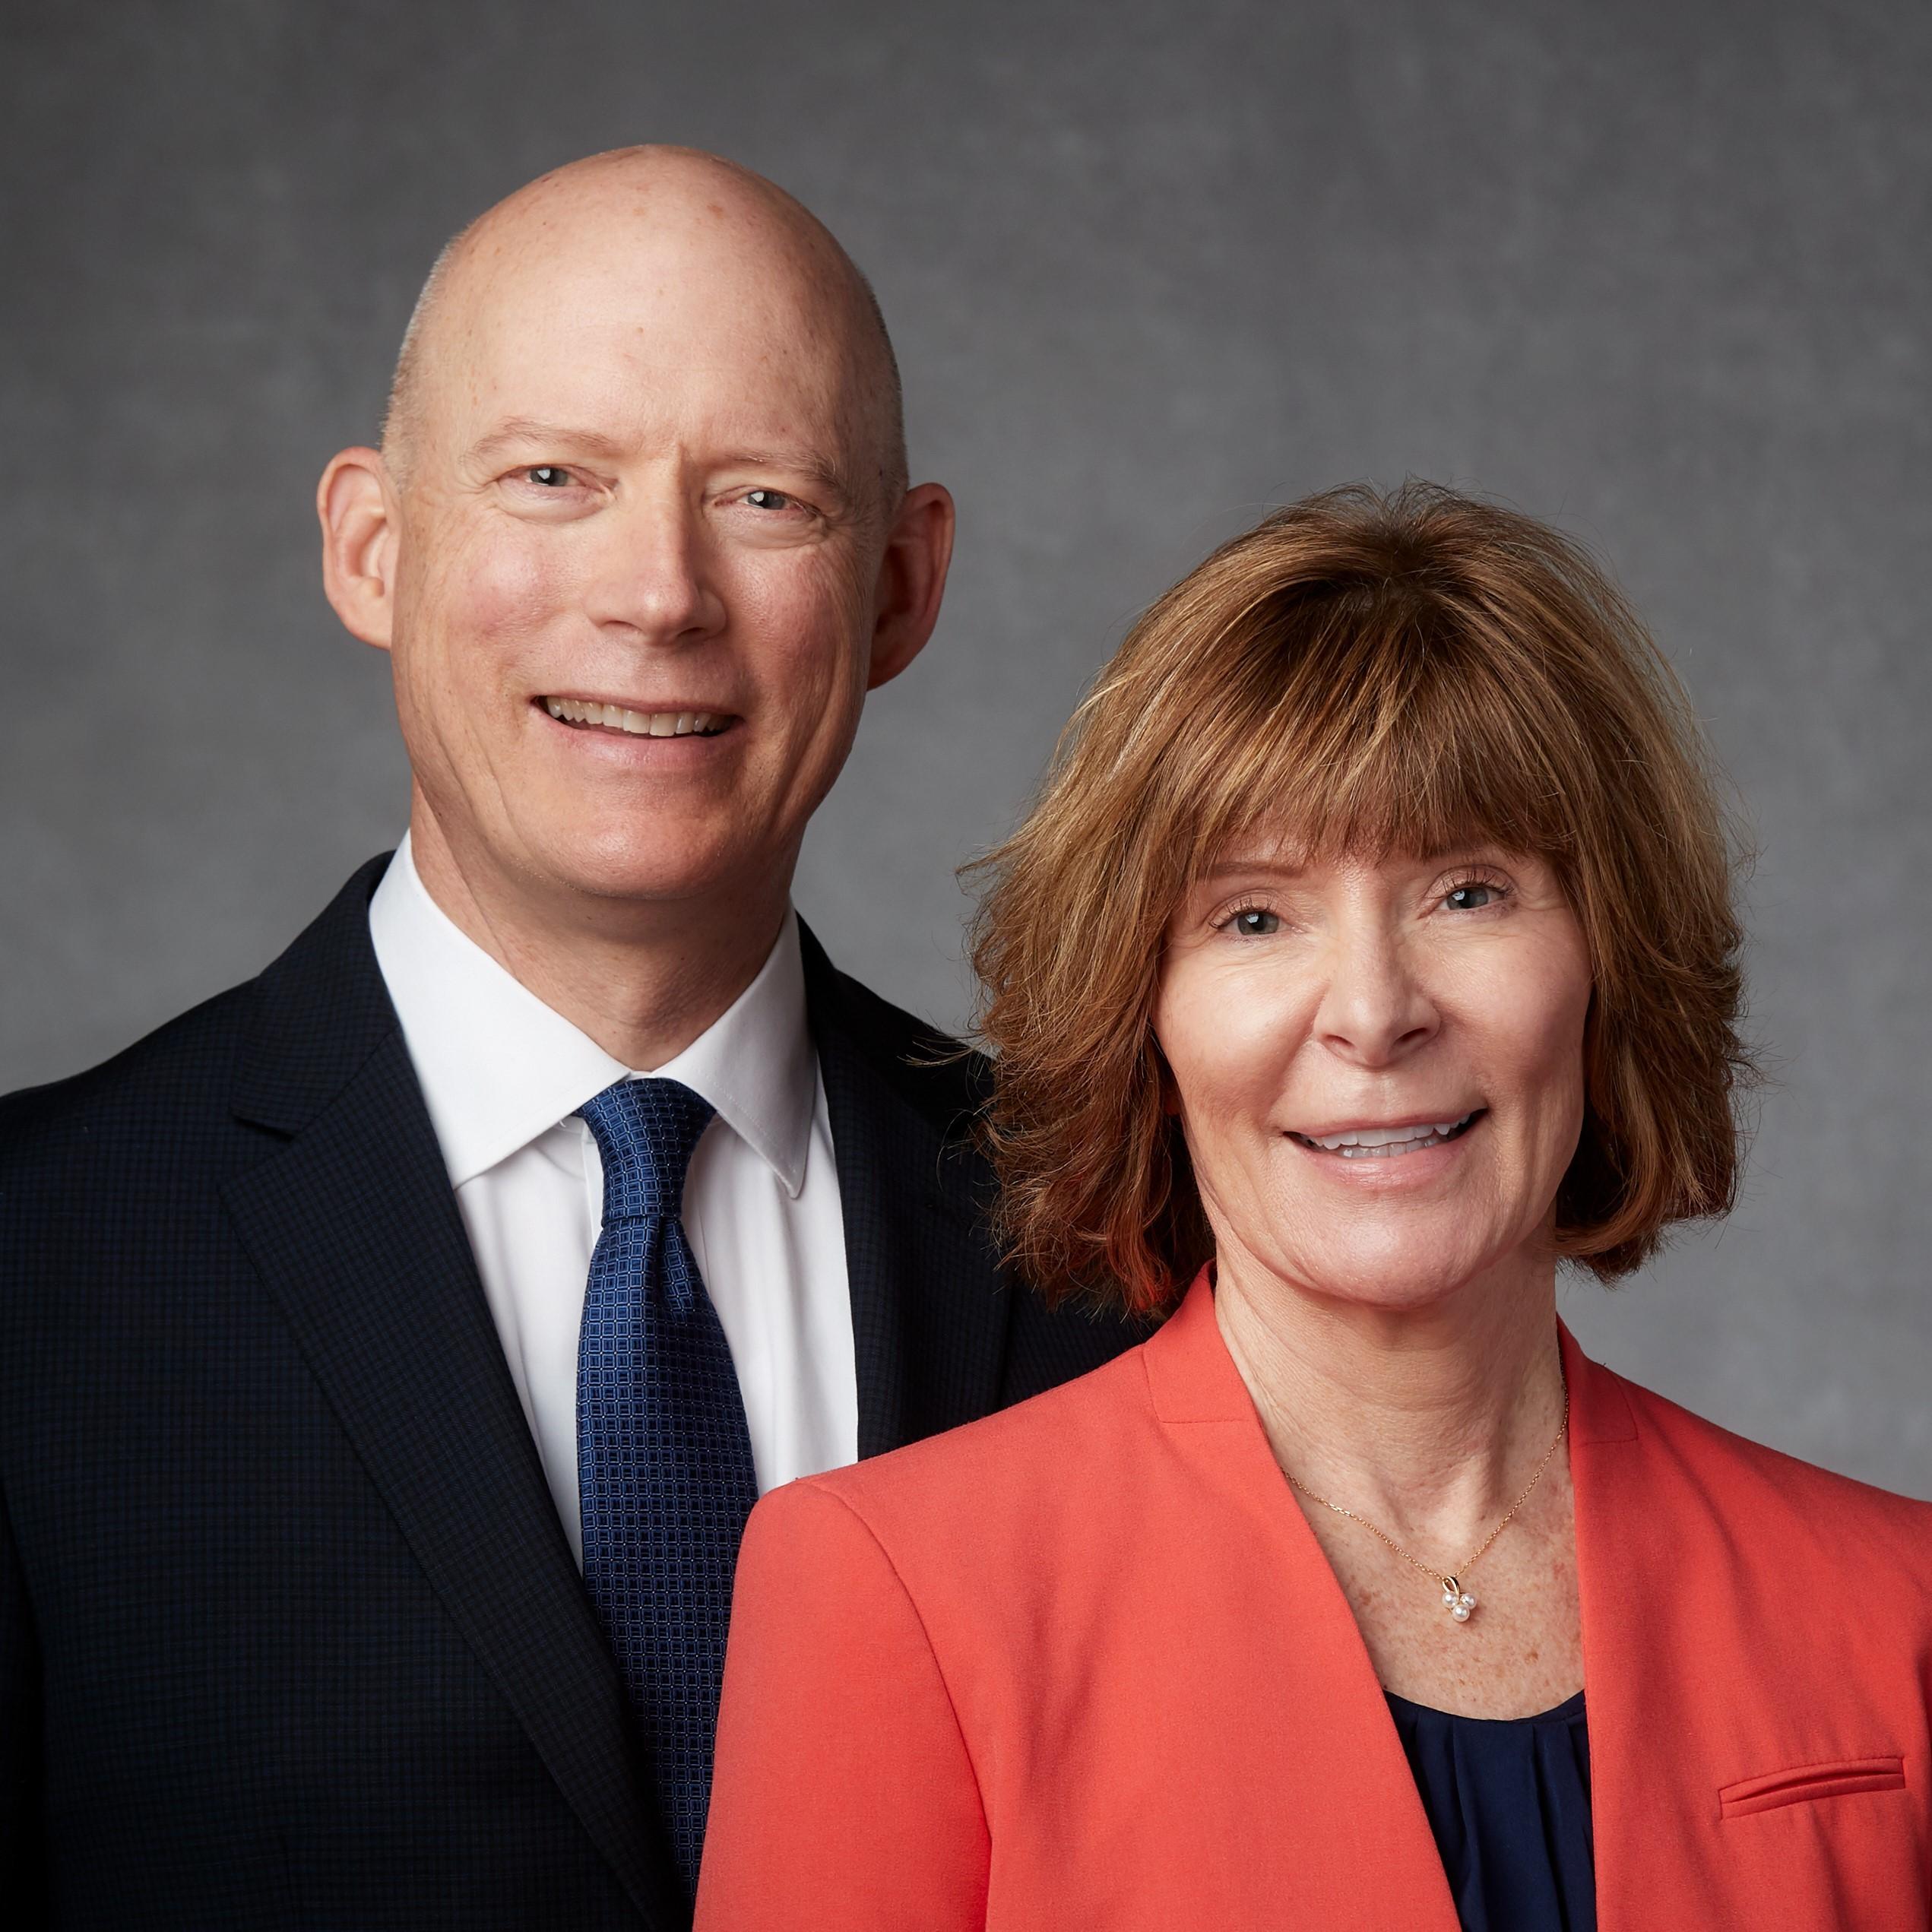 Eric and Christina Hicks